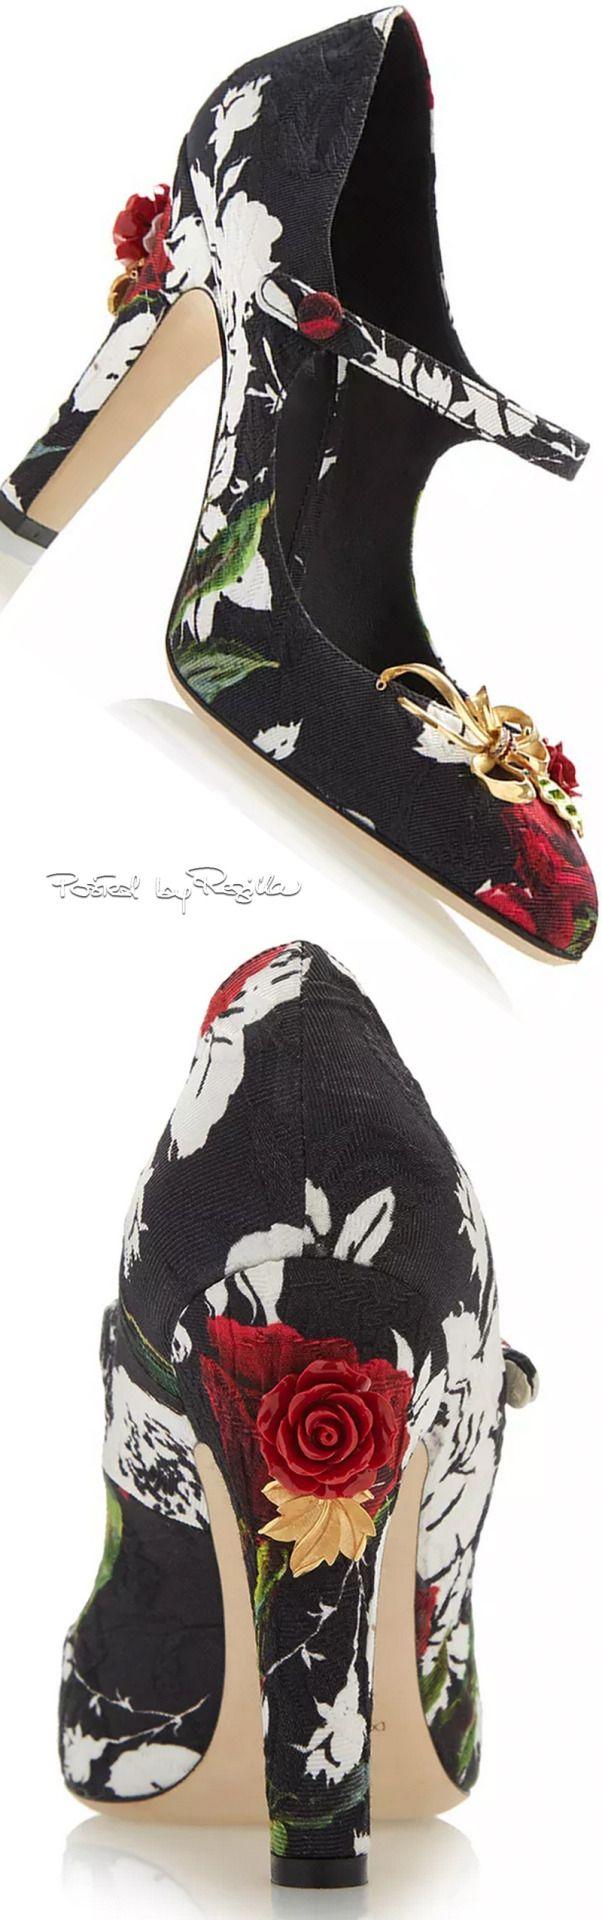 Regilla ⚜ Dolce & Gabbana Fall Winter 2015/16